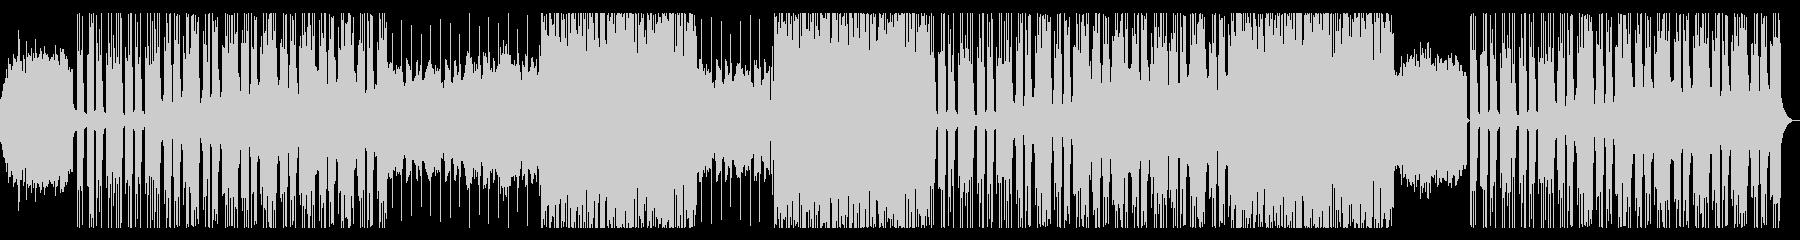 ポップで切ないBGMの未再生の波形